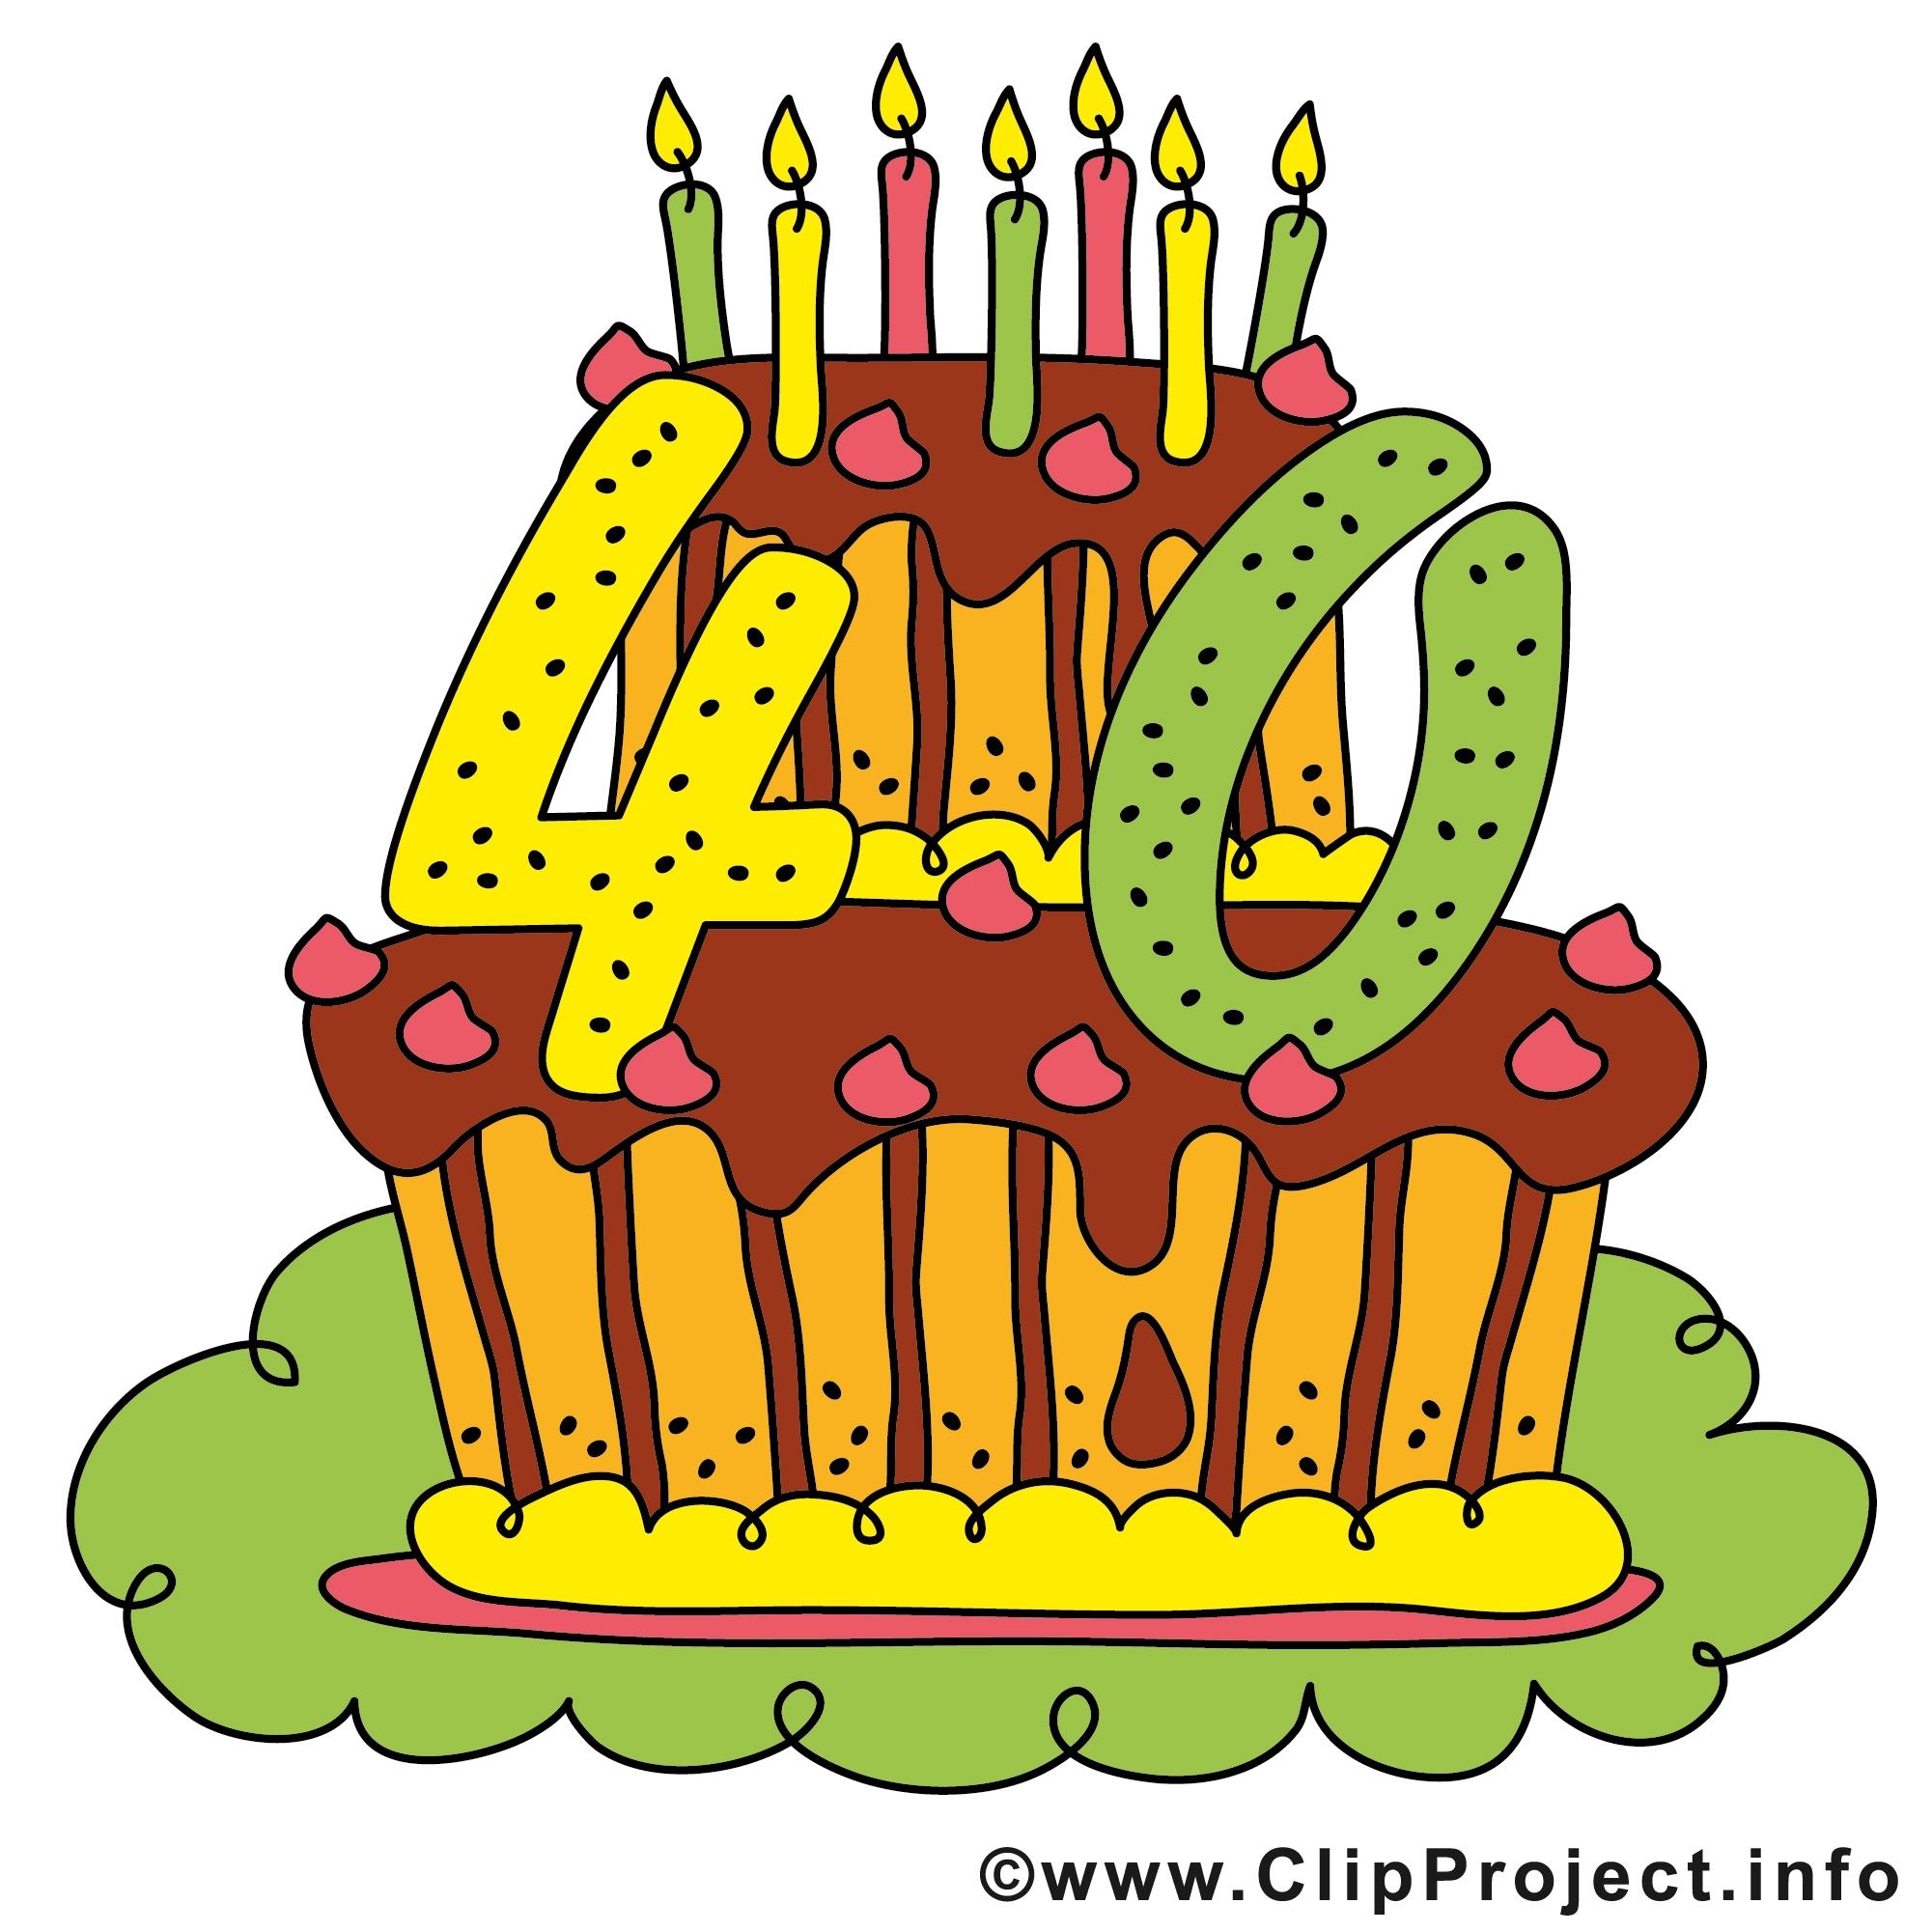 Cliparts geburtstag zum ausdrucken graphic stock 40 Jahre Geburtstagsparty Clipart - Bild graphic stock